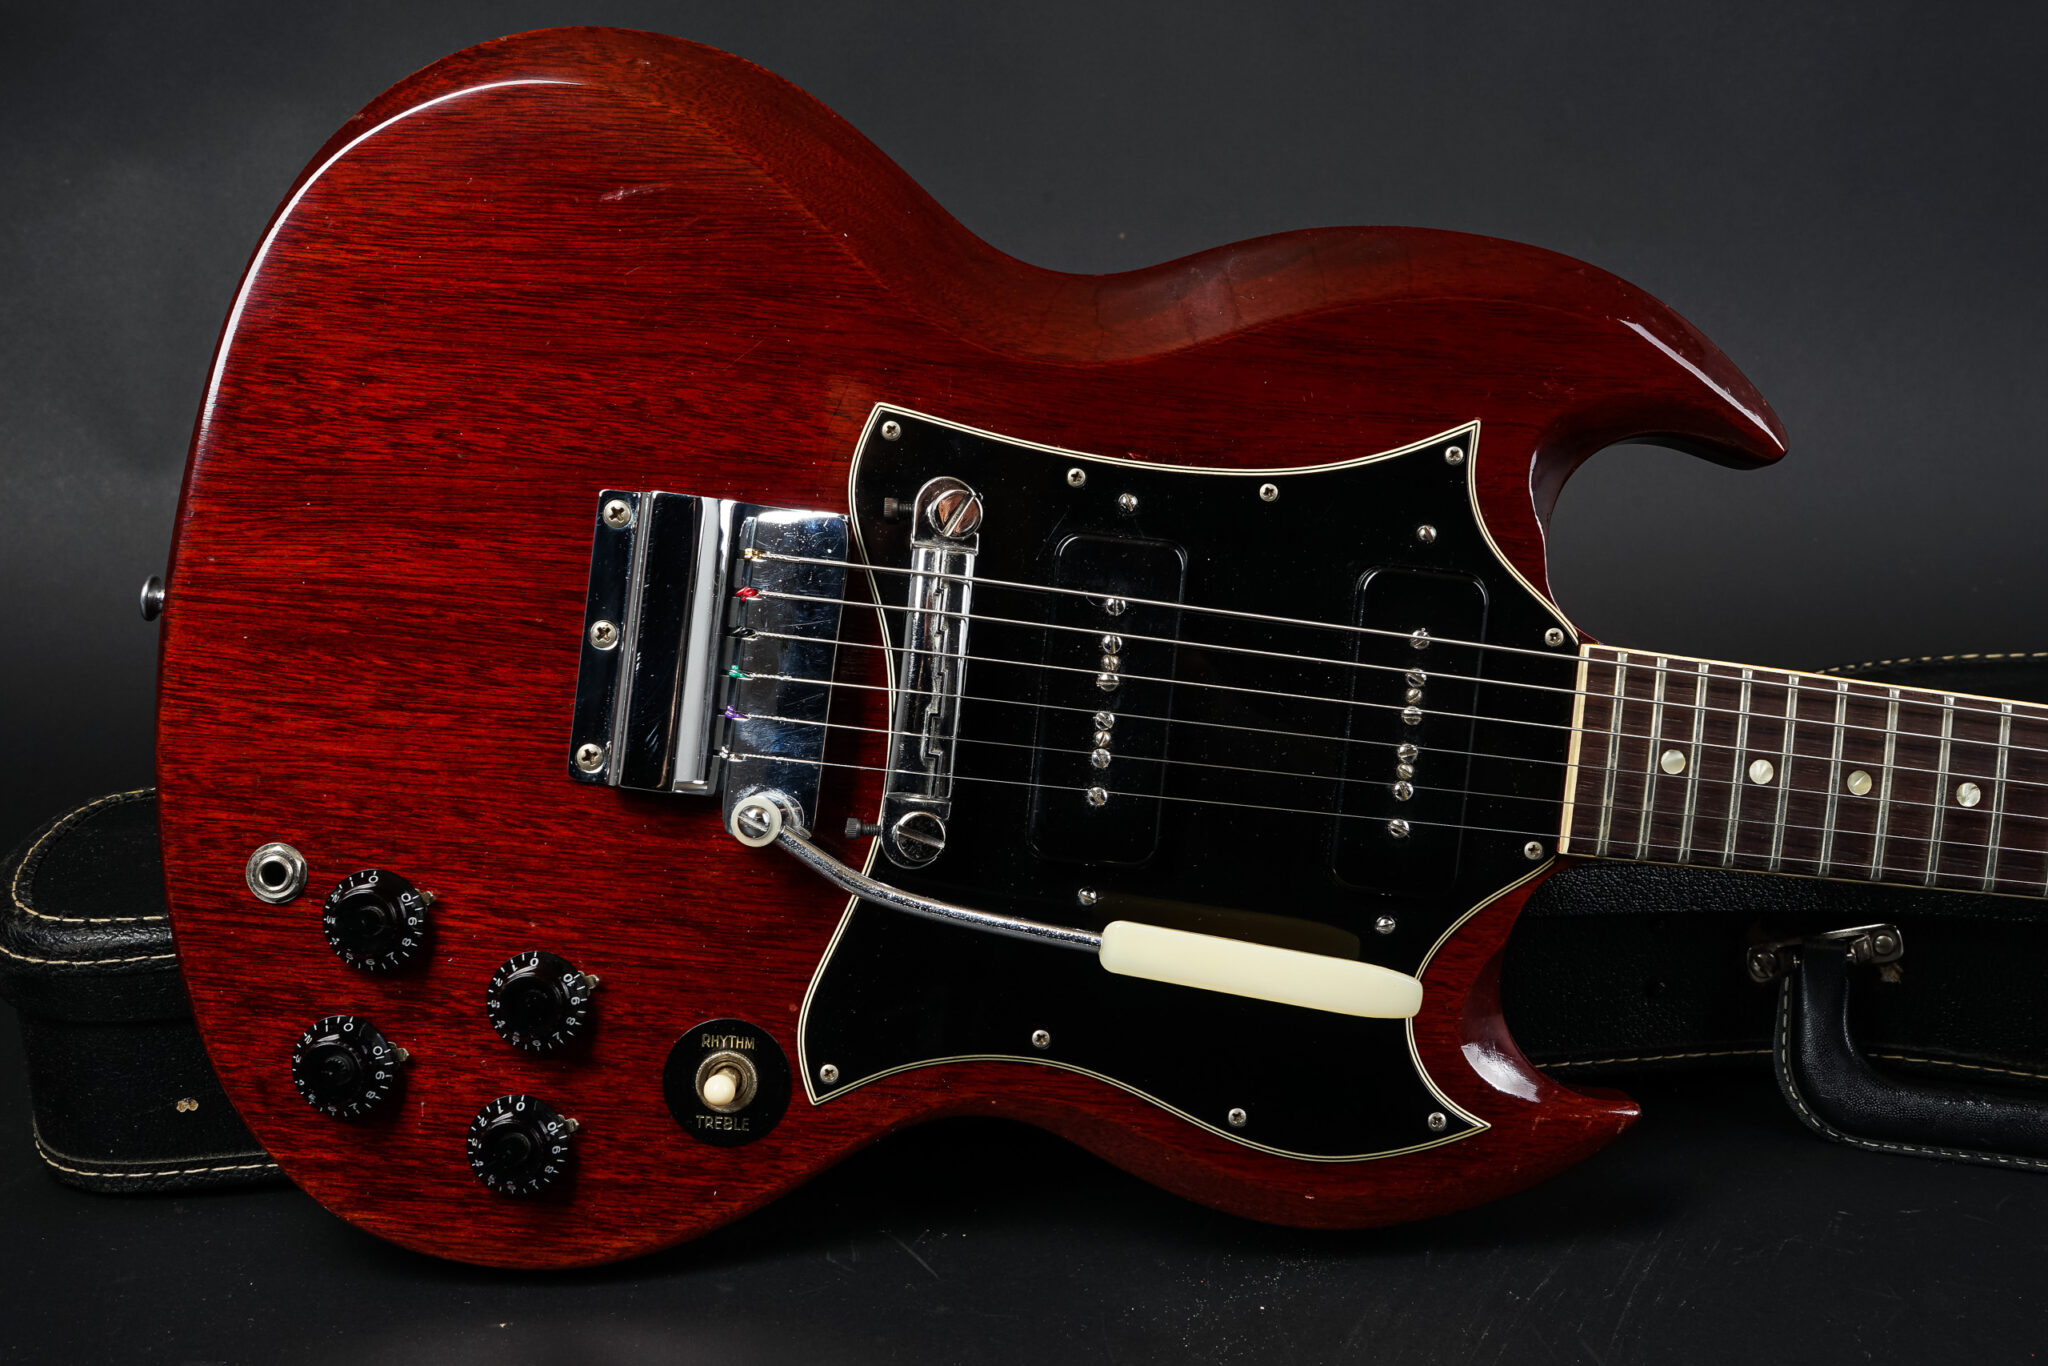 https://guitarpoint.de/app/uploads/products/1969-gibson-sg-special-cherry-5/1969-Gibson-SG-Special-Cherry-860000-9-2048x1366.jpg